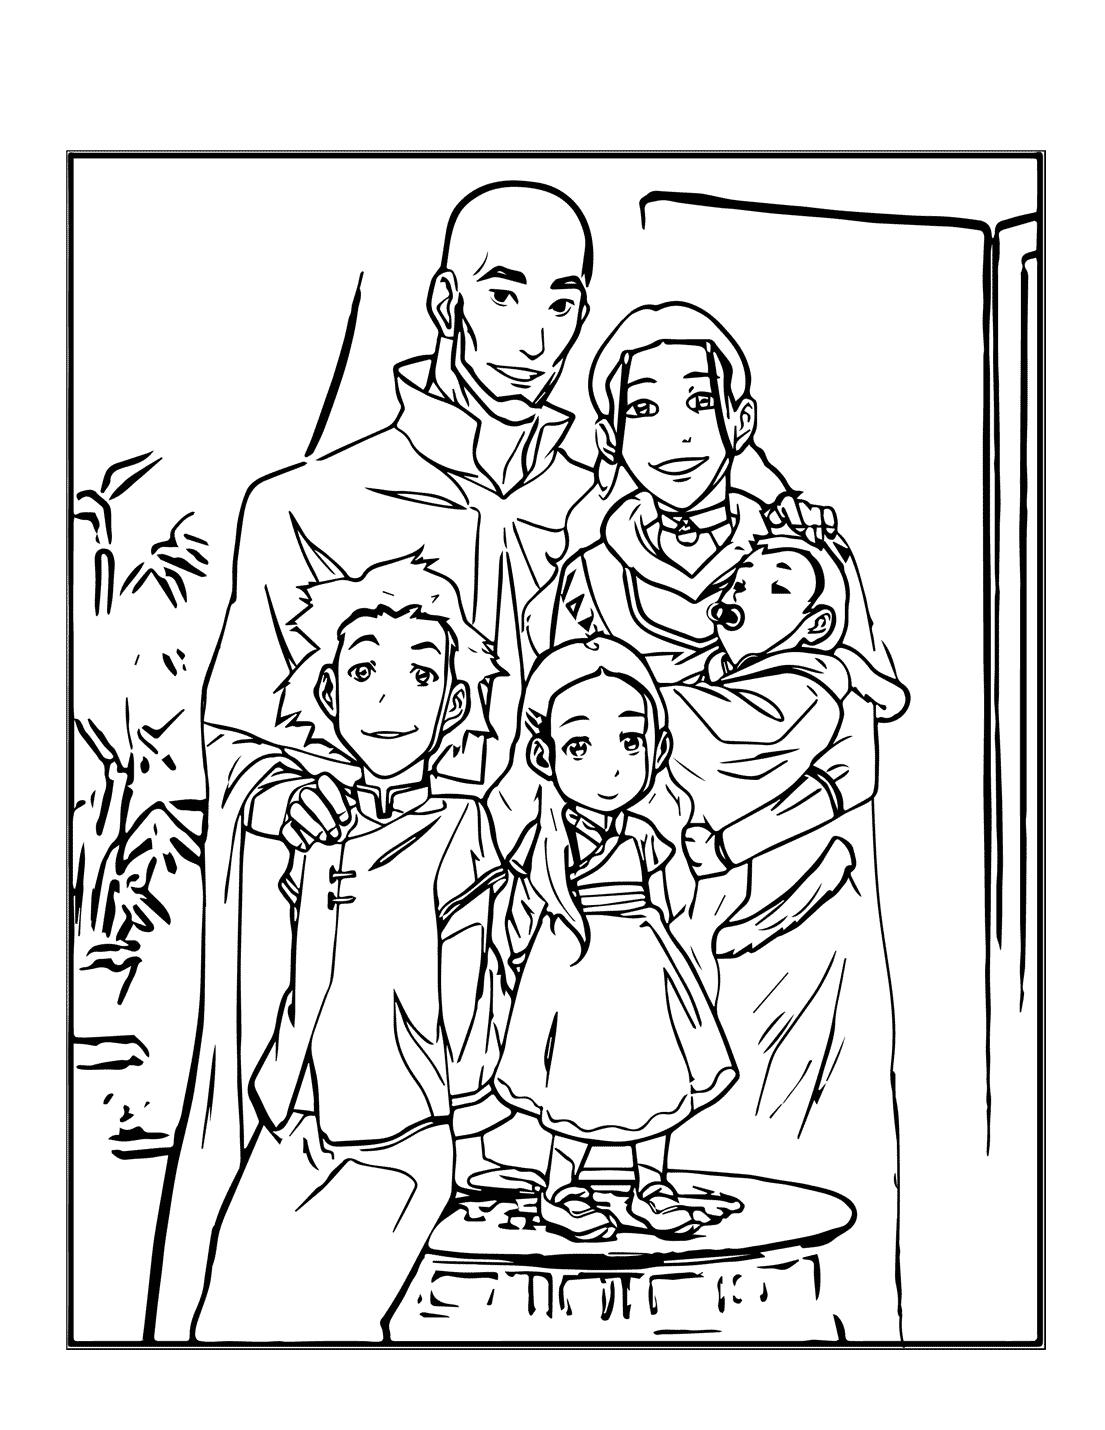 Aang And Katara As Adults Coloring Page